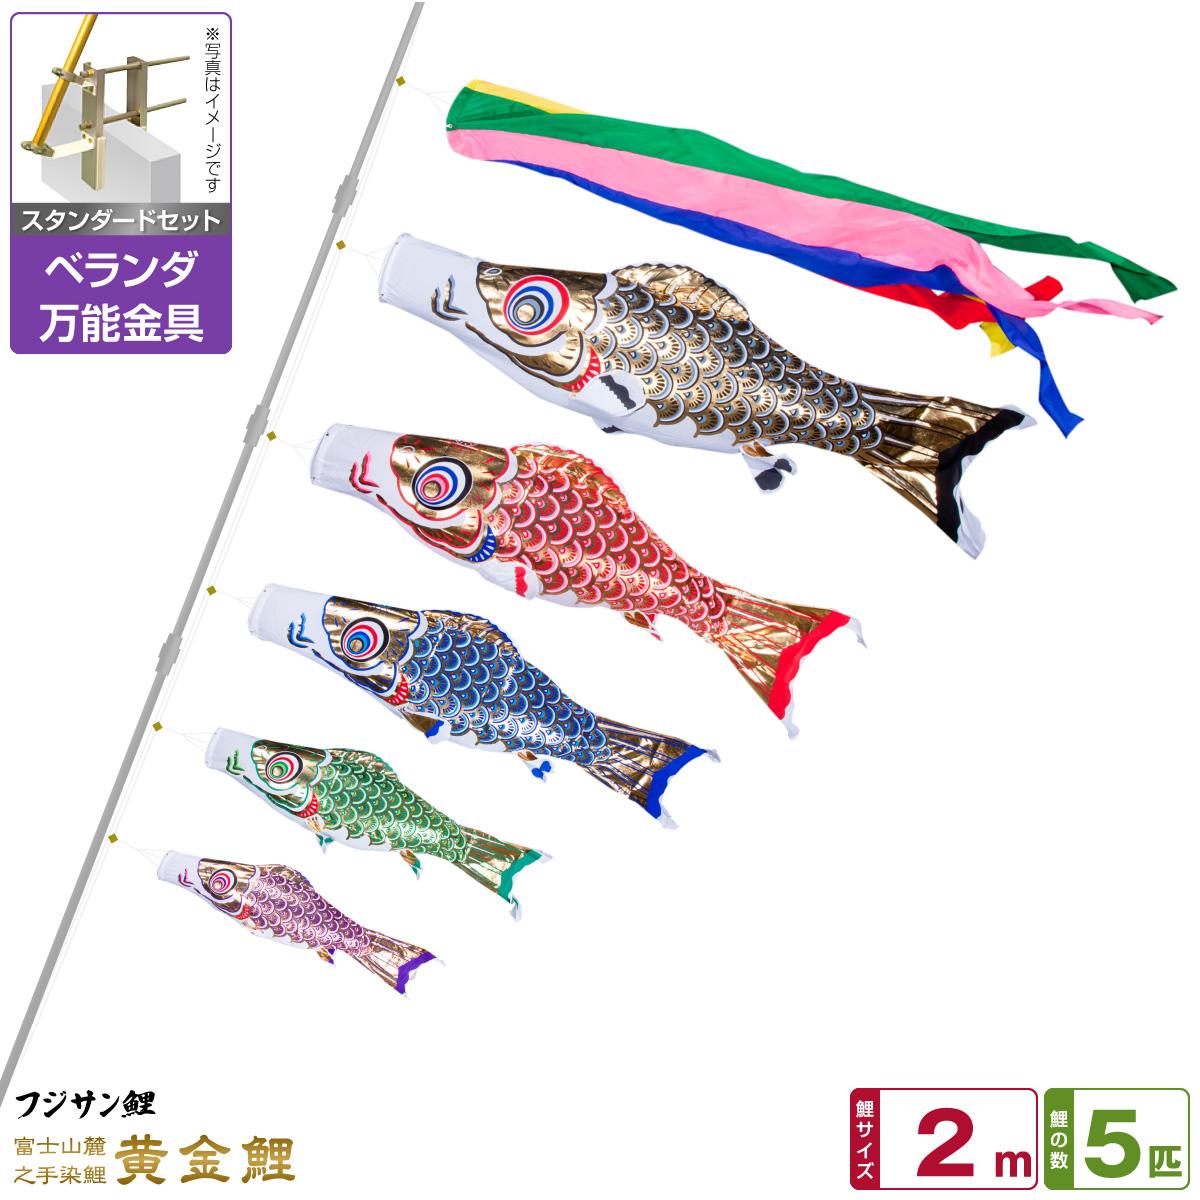 ベランダ用 こいのぼり 鯉のぼり フジサン鯉 黄金鯉 2m 8点(吹流し+鯉5匹+矢車+ロープ)/スタンダードセット(万能取付金具)